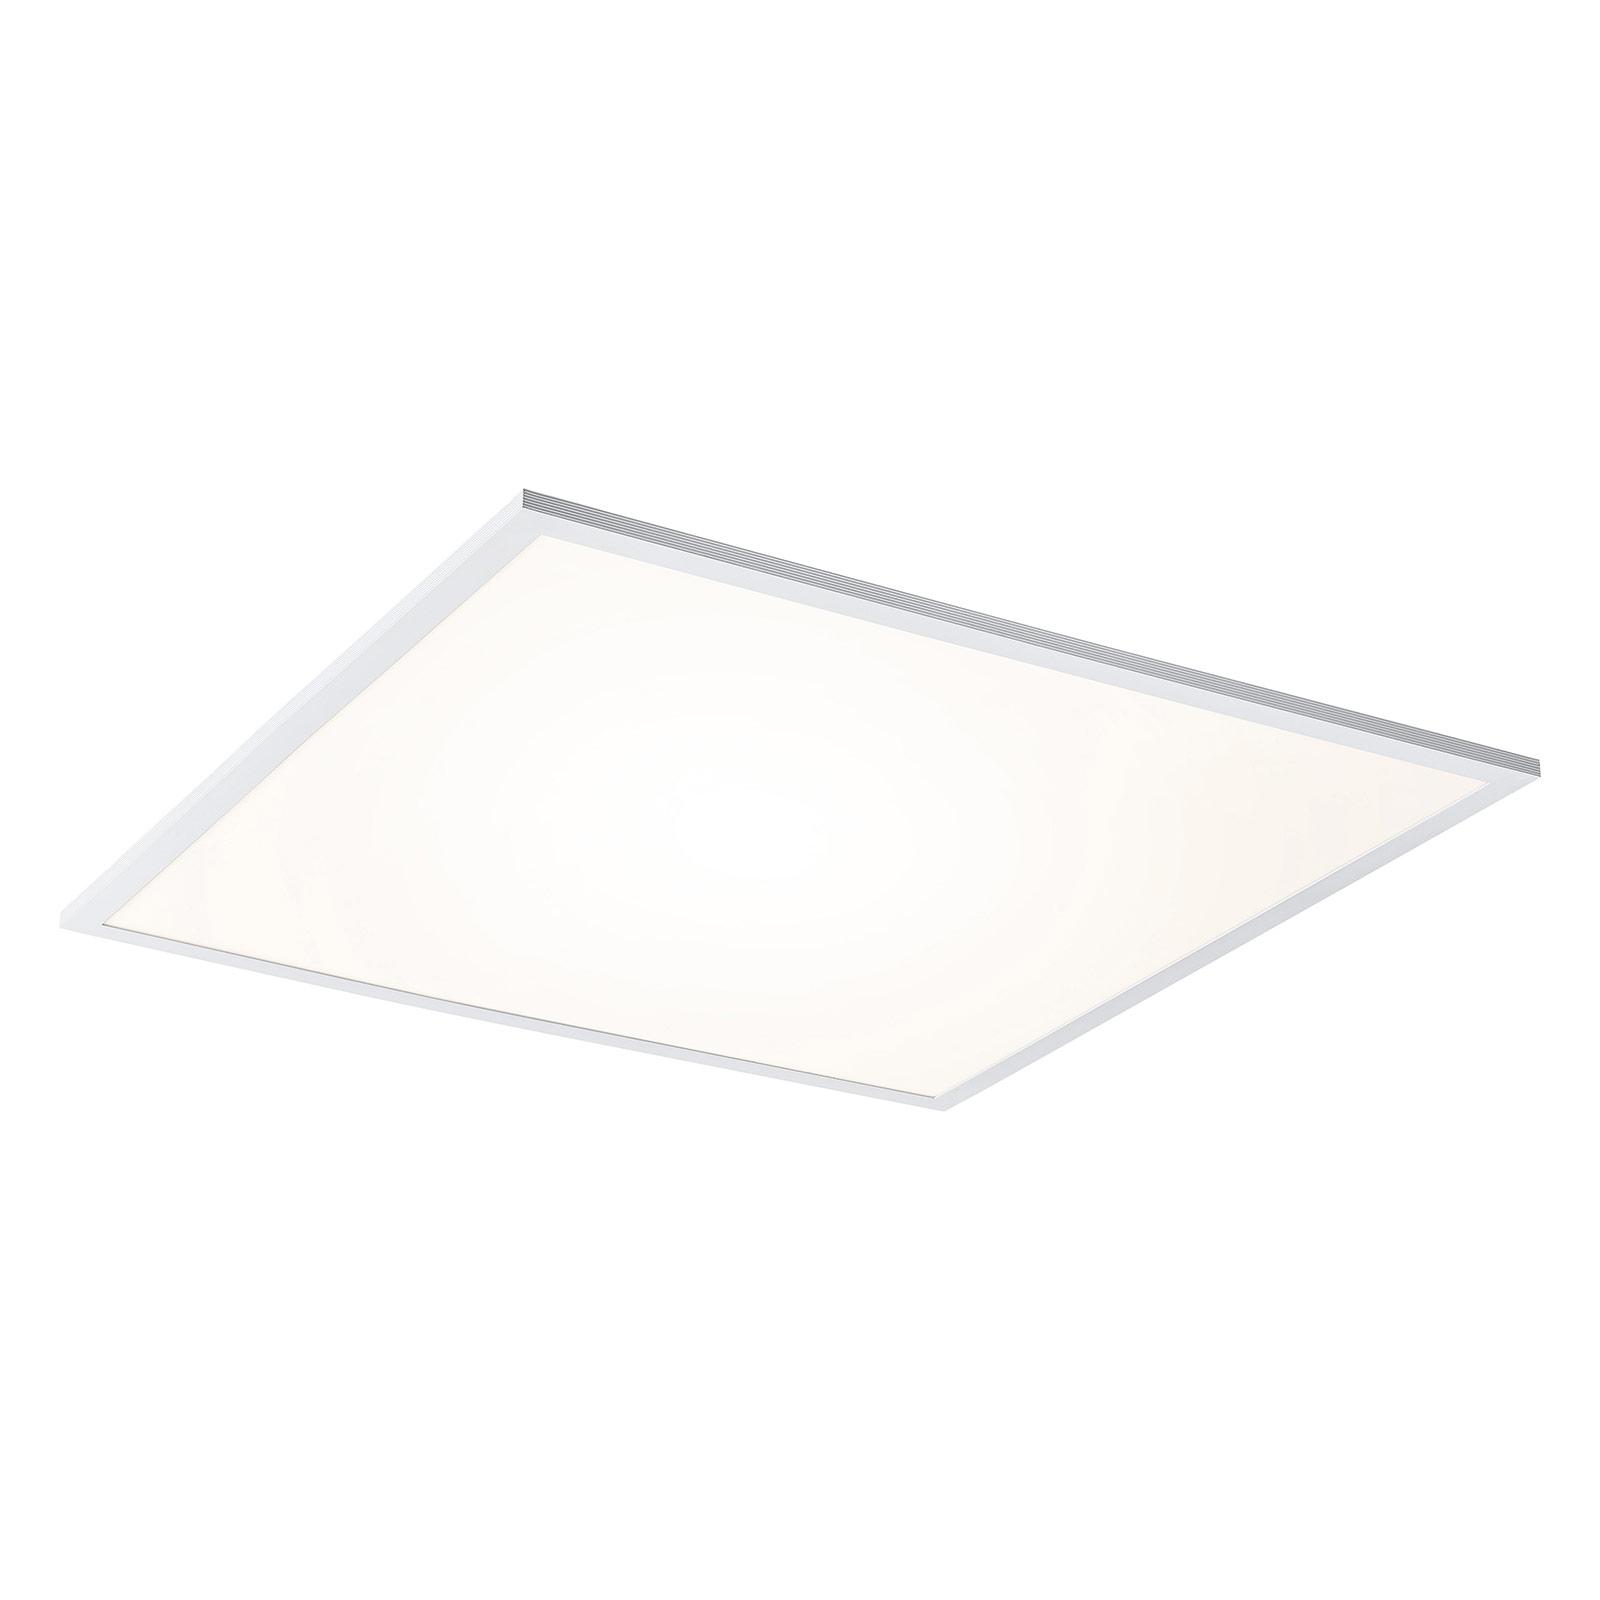 LED-panel LD-XL 620-40 4000K